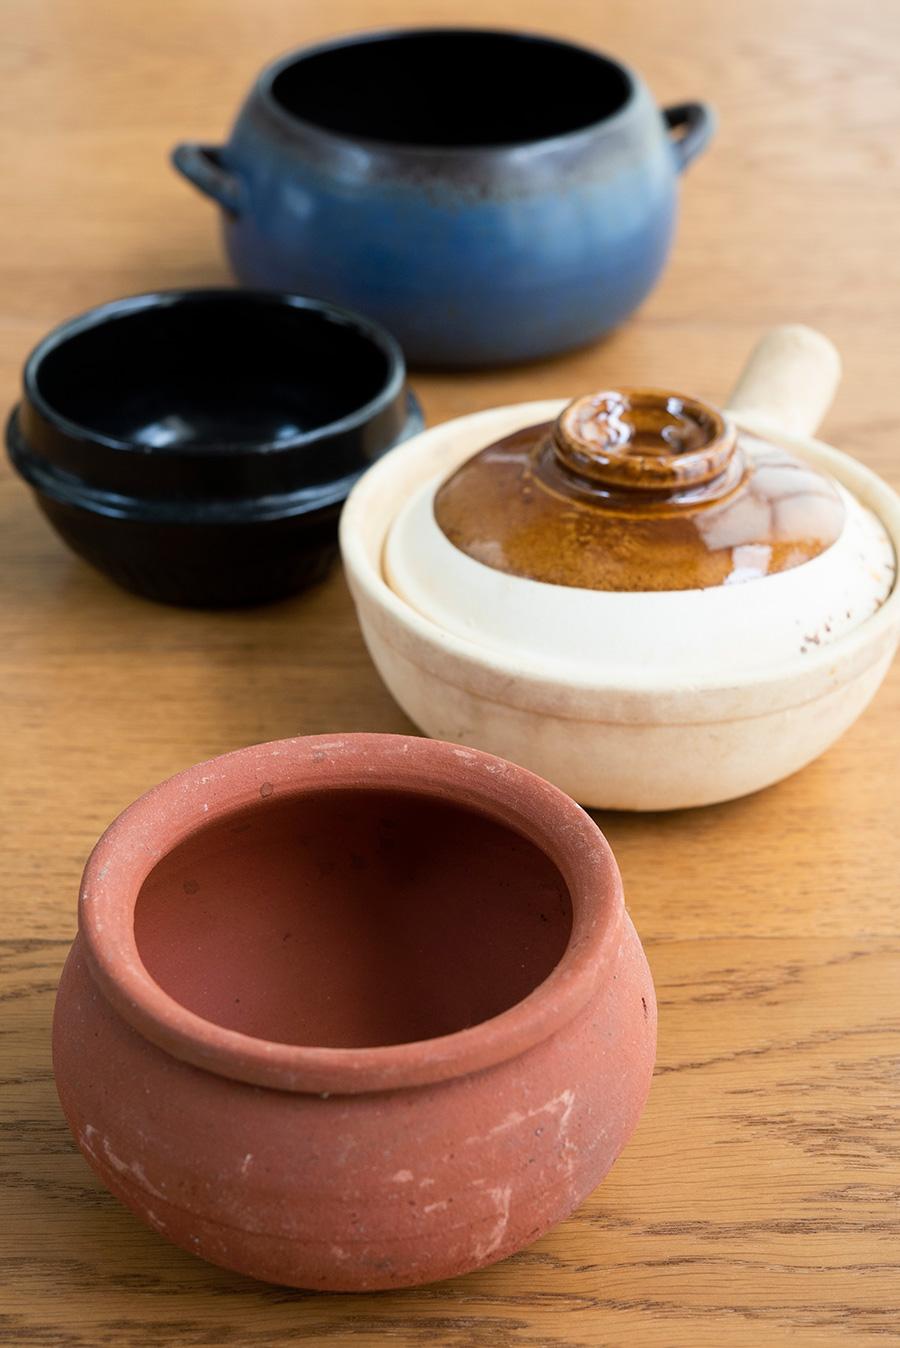 (手前から)トムヤムクン用の素焼きの鍋は、野菜を盛りつけたりしてもかわいい。持ち手の付いたベトナムの鍋は、麻婆豆腐など一人分ずつサーブするのに便利。羽釜風の土鍋は韓国のもの。いちばん奥の青い鍋は、台湾のオーガニックマーケットで見つけた作家もの。